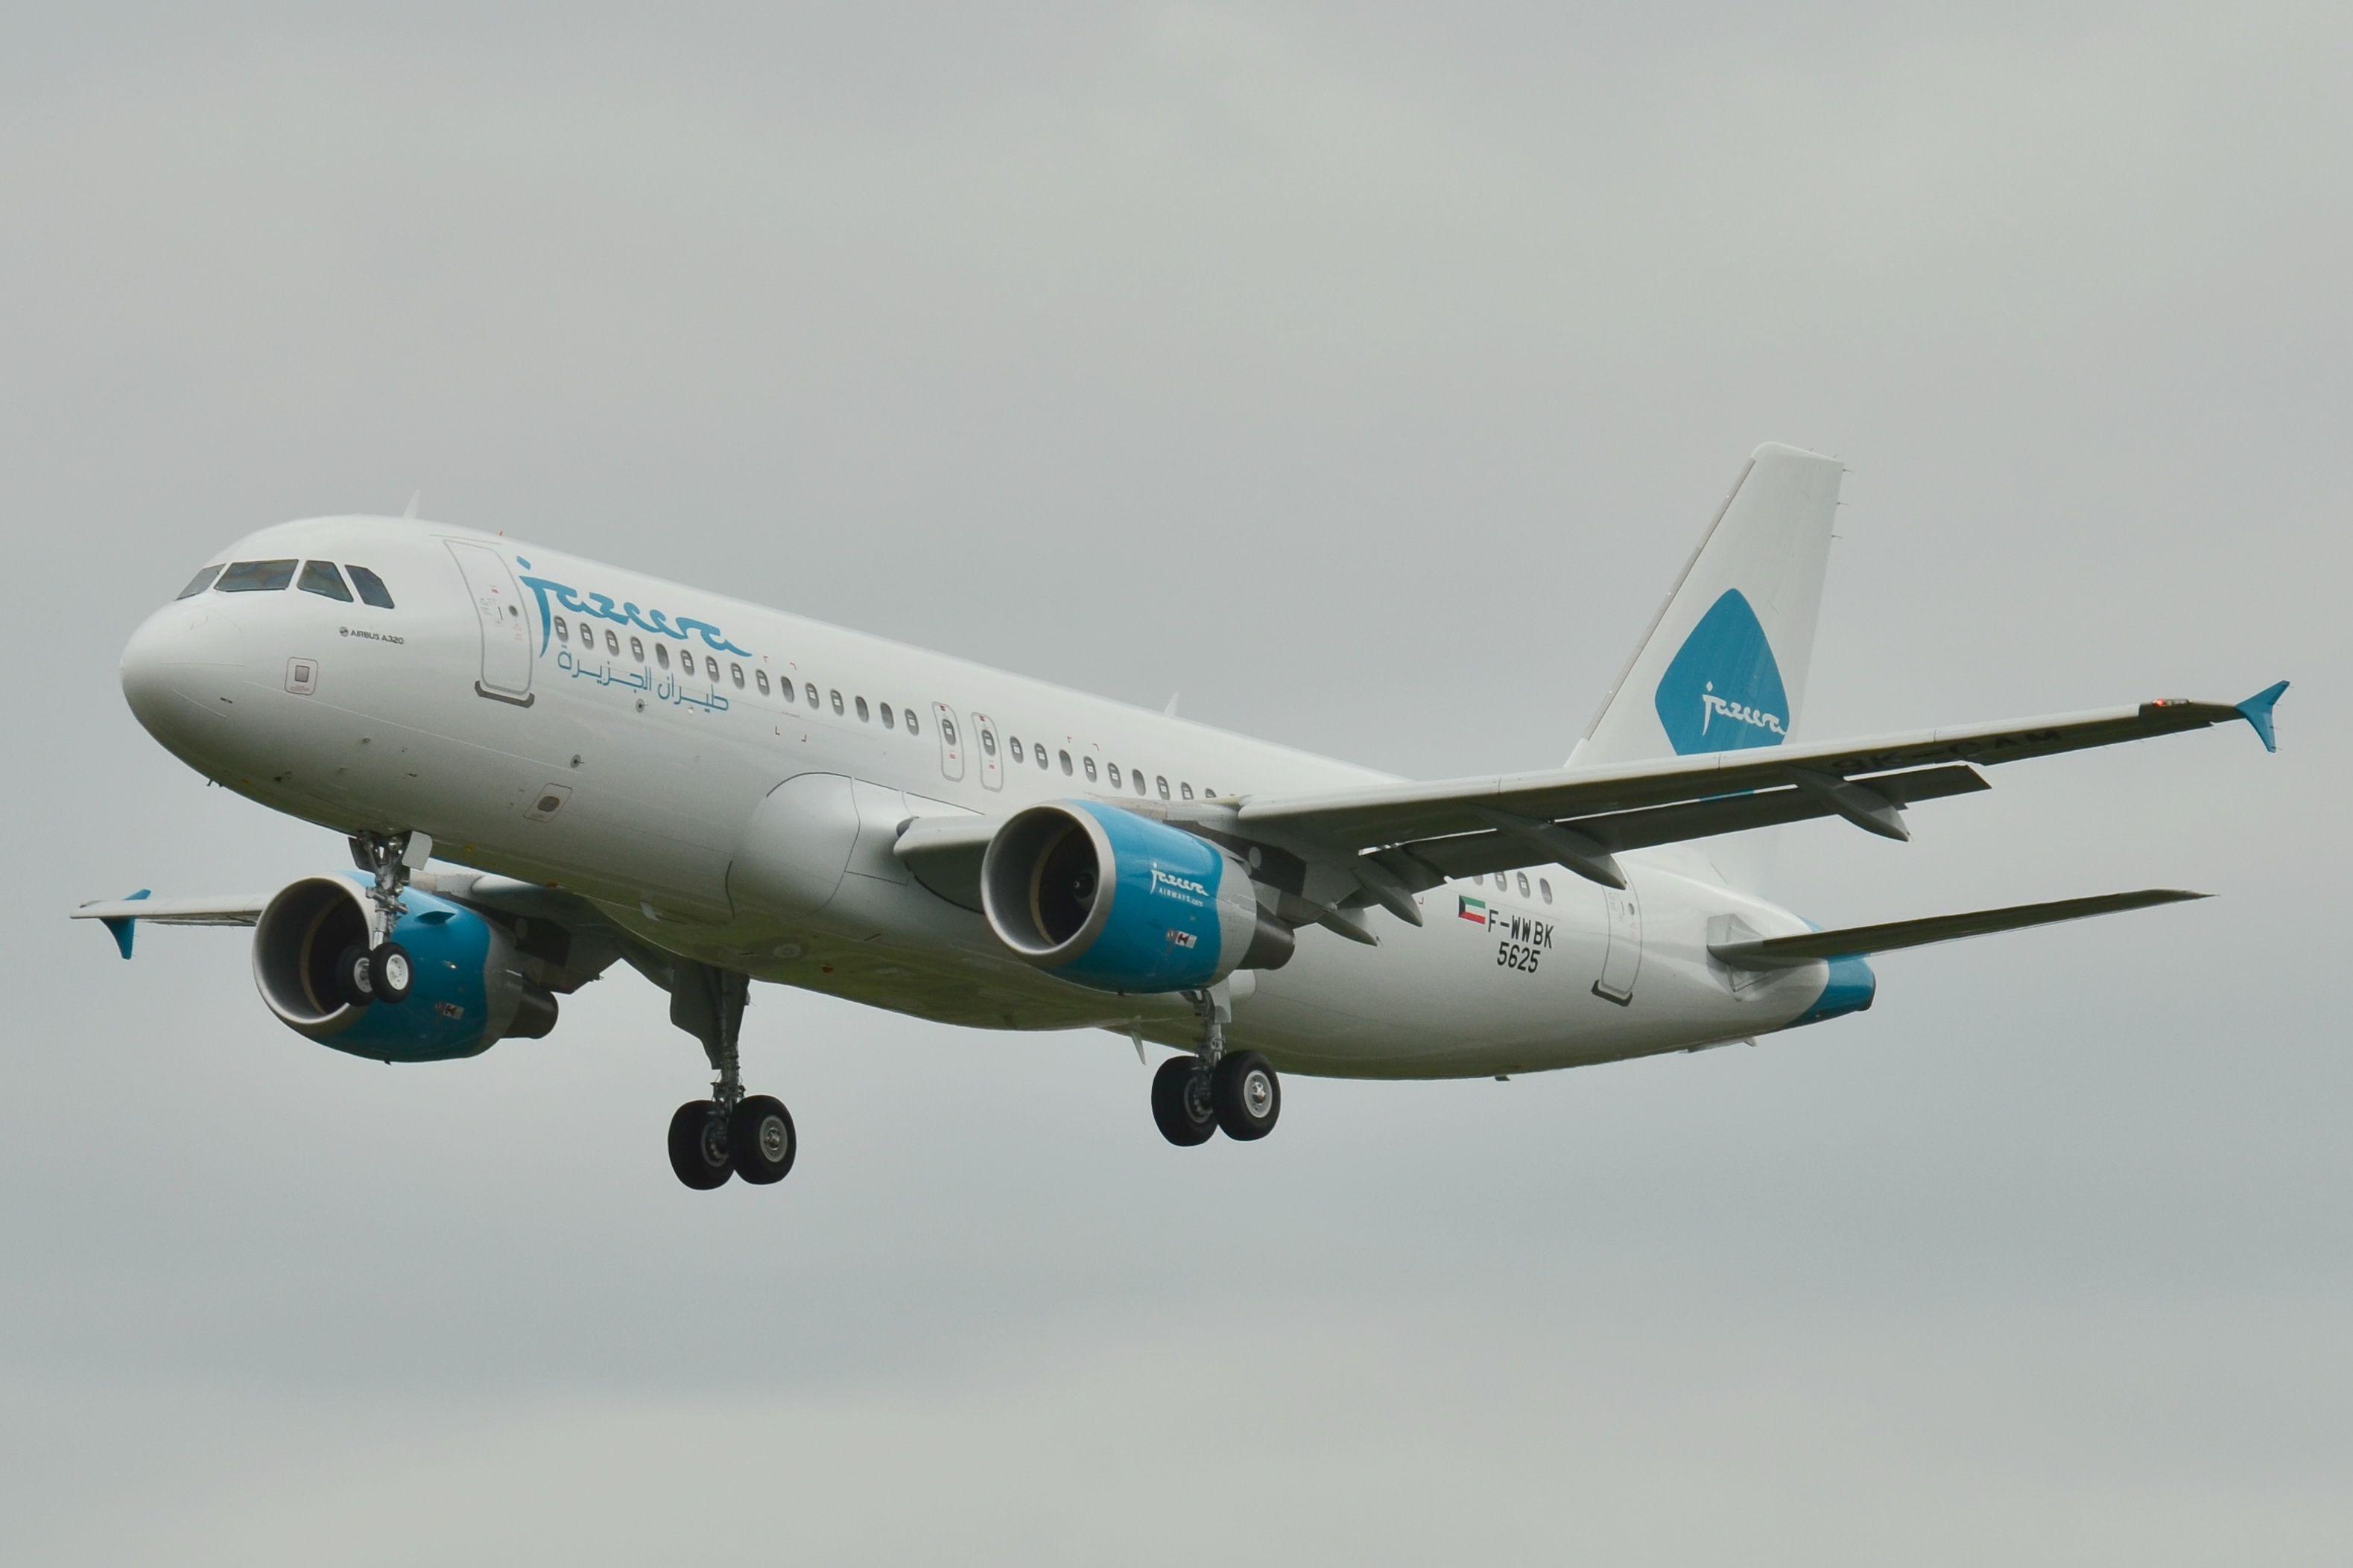 طيران الجزيرة Online Tickets Airlines Passenger